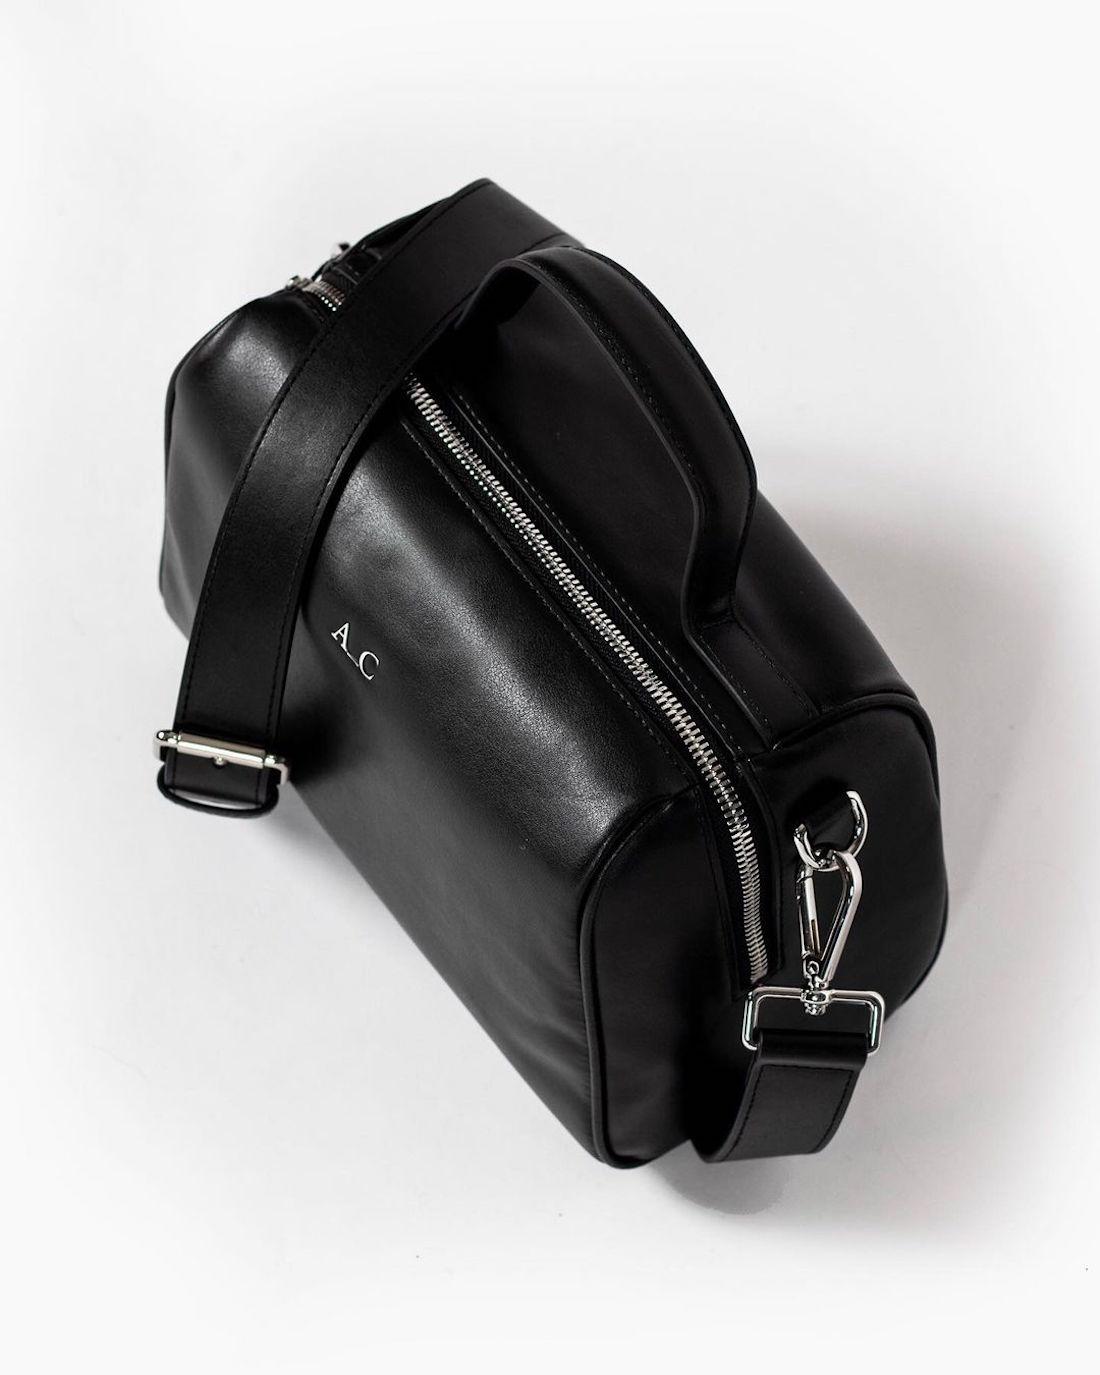 A black vegan leather handbag sits unopened.